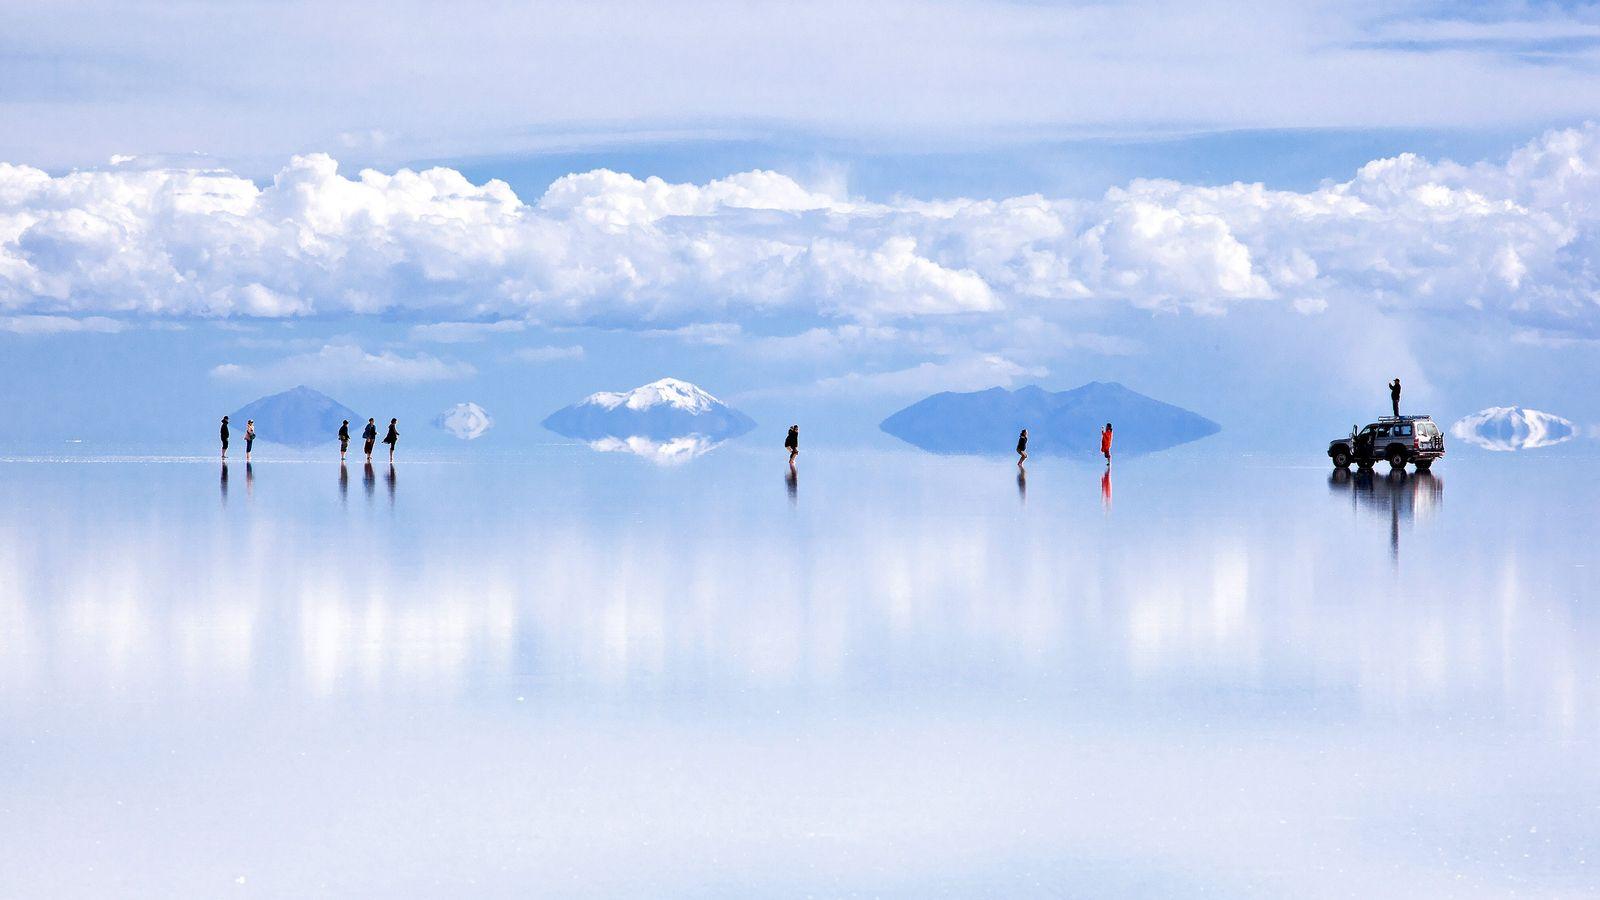 Consejos de viaje: Salar de Uyuni, el desierto de sal más grande del mundo  | National Geographic